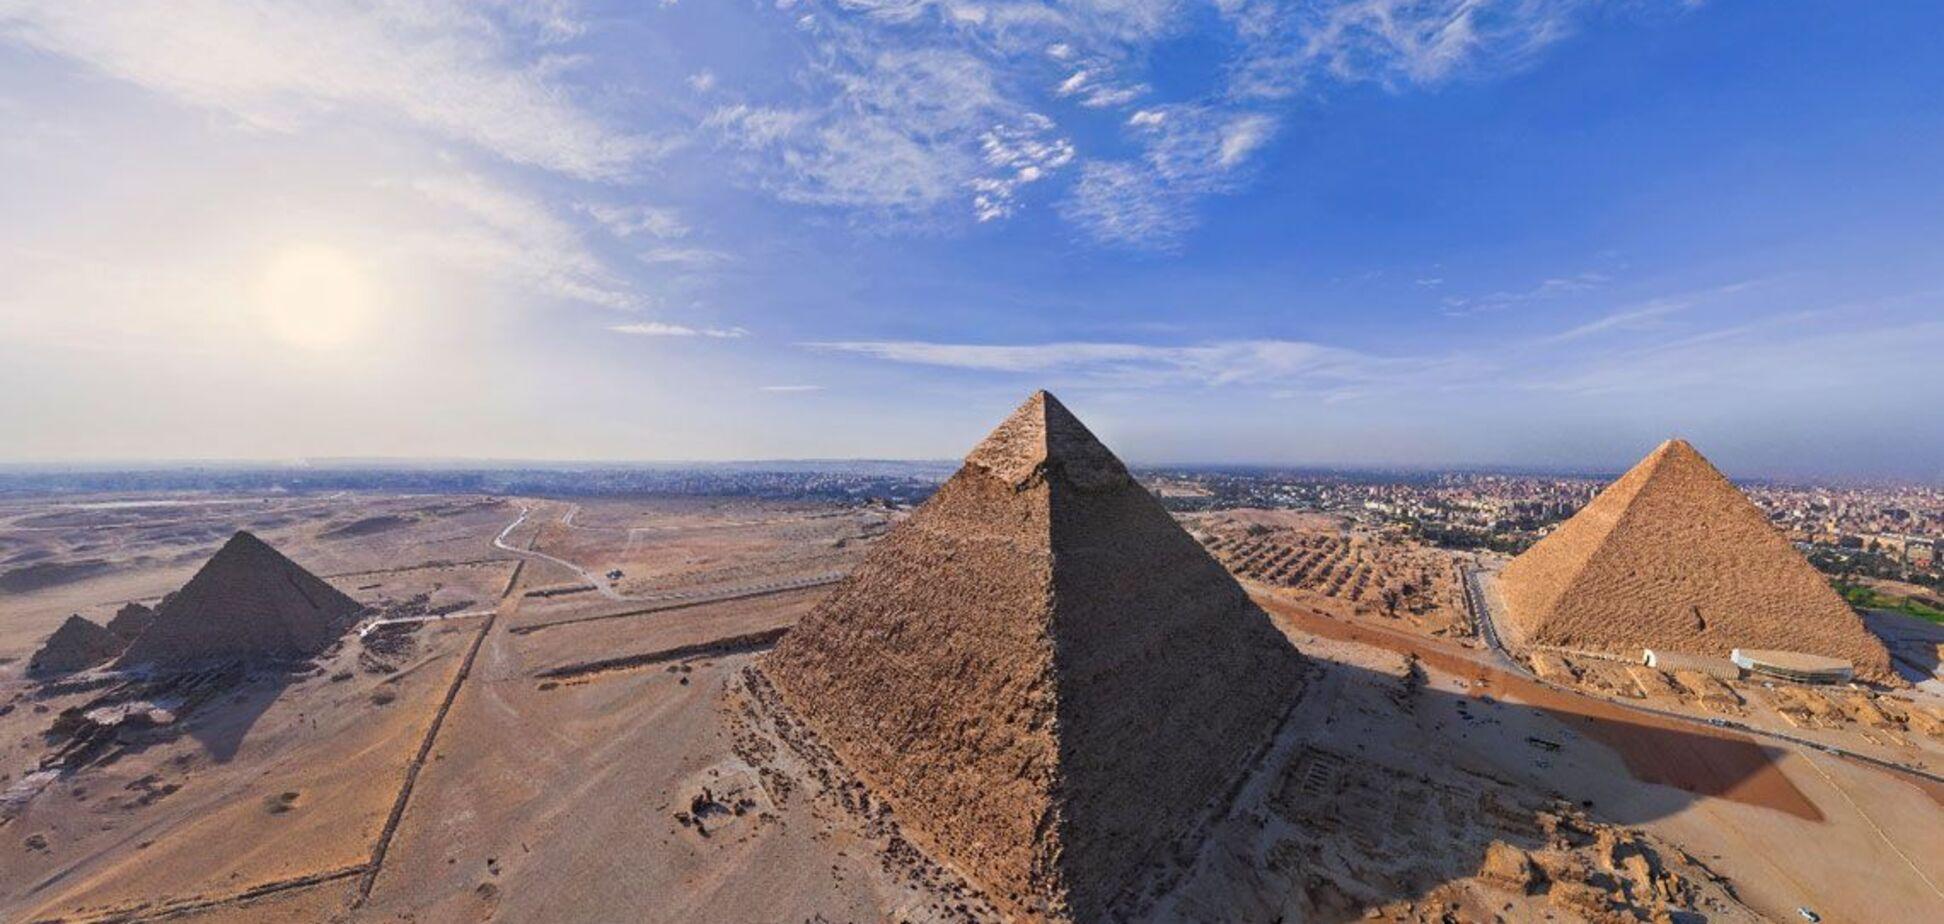 Знайдено ключ до розгадки таємниці будівництва великої піраміди Хеопса